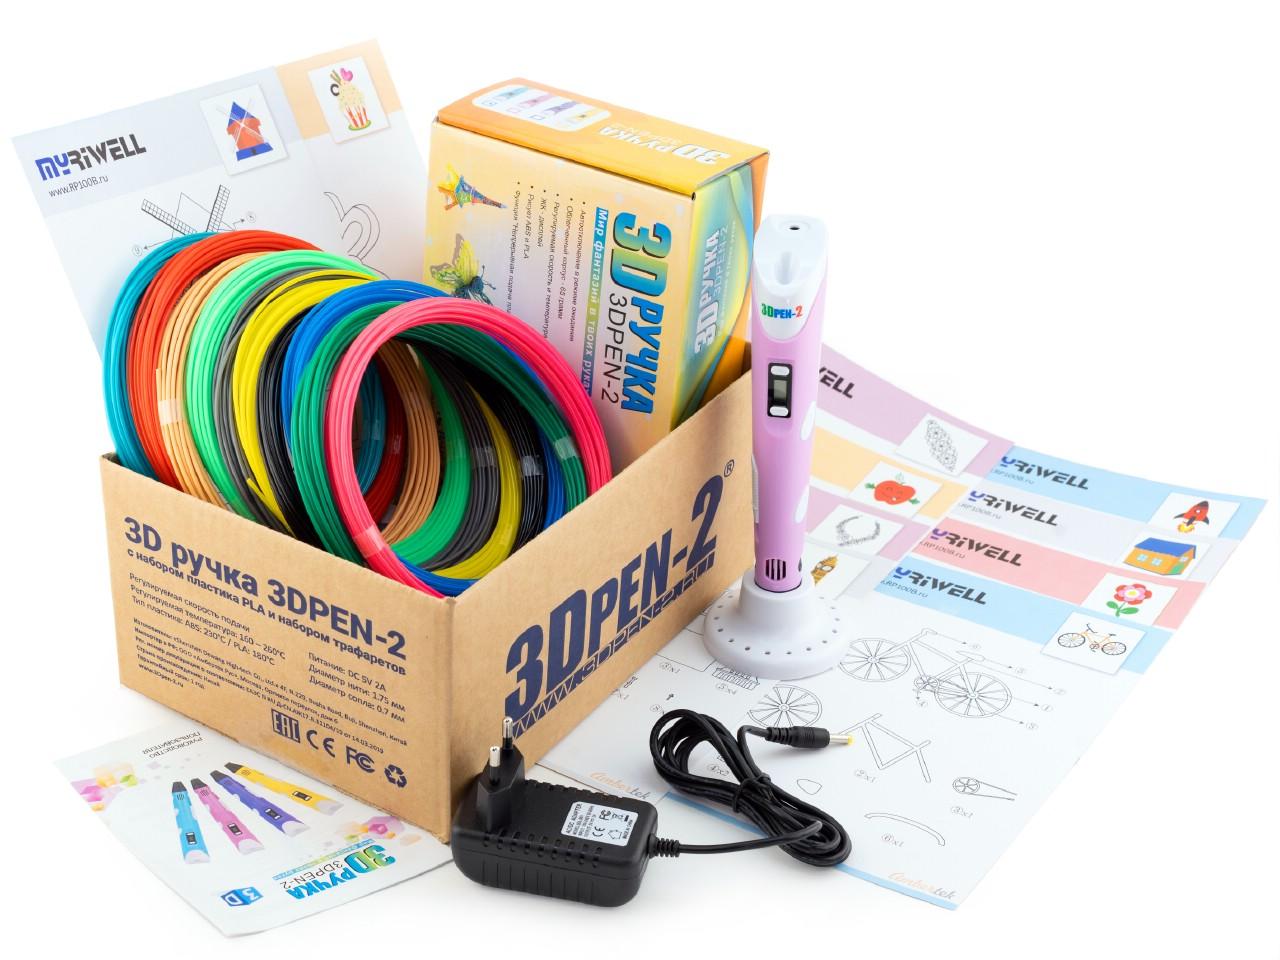 Купить 3D ручка 3DPEN-2 (цвет: розовый) с набором пластика PLA 10 цветов по 10 метров и набором трафаретов для 3D ручек, 3D ручка 3DPEN-2 PLA 10 цветов с трафаретами, цв. розовый,